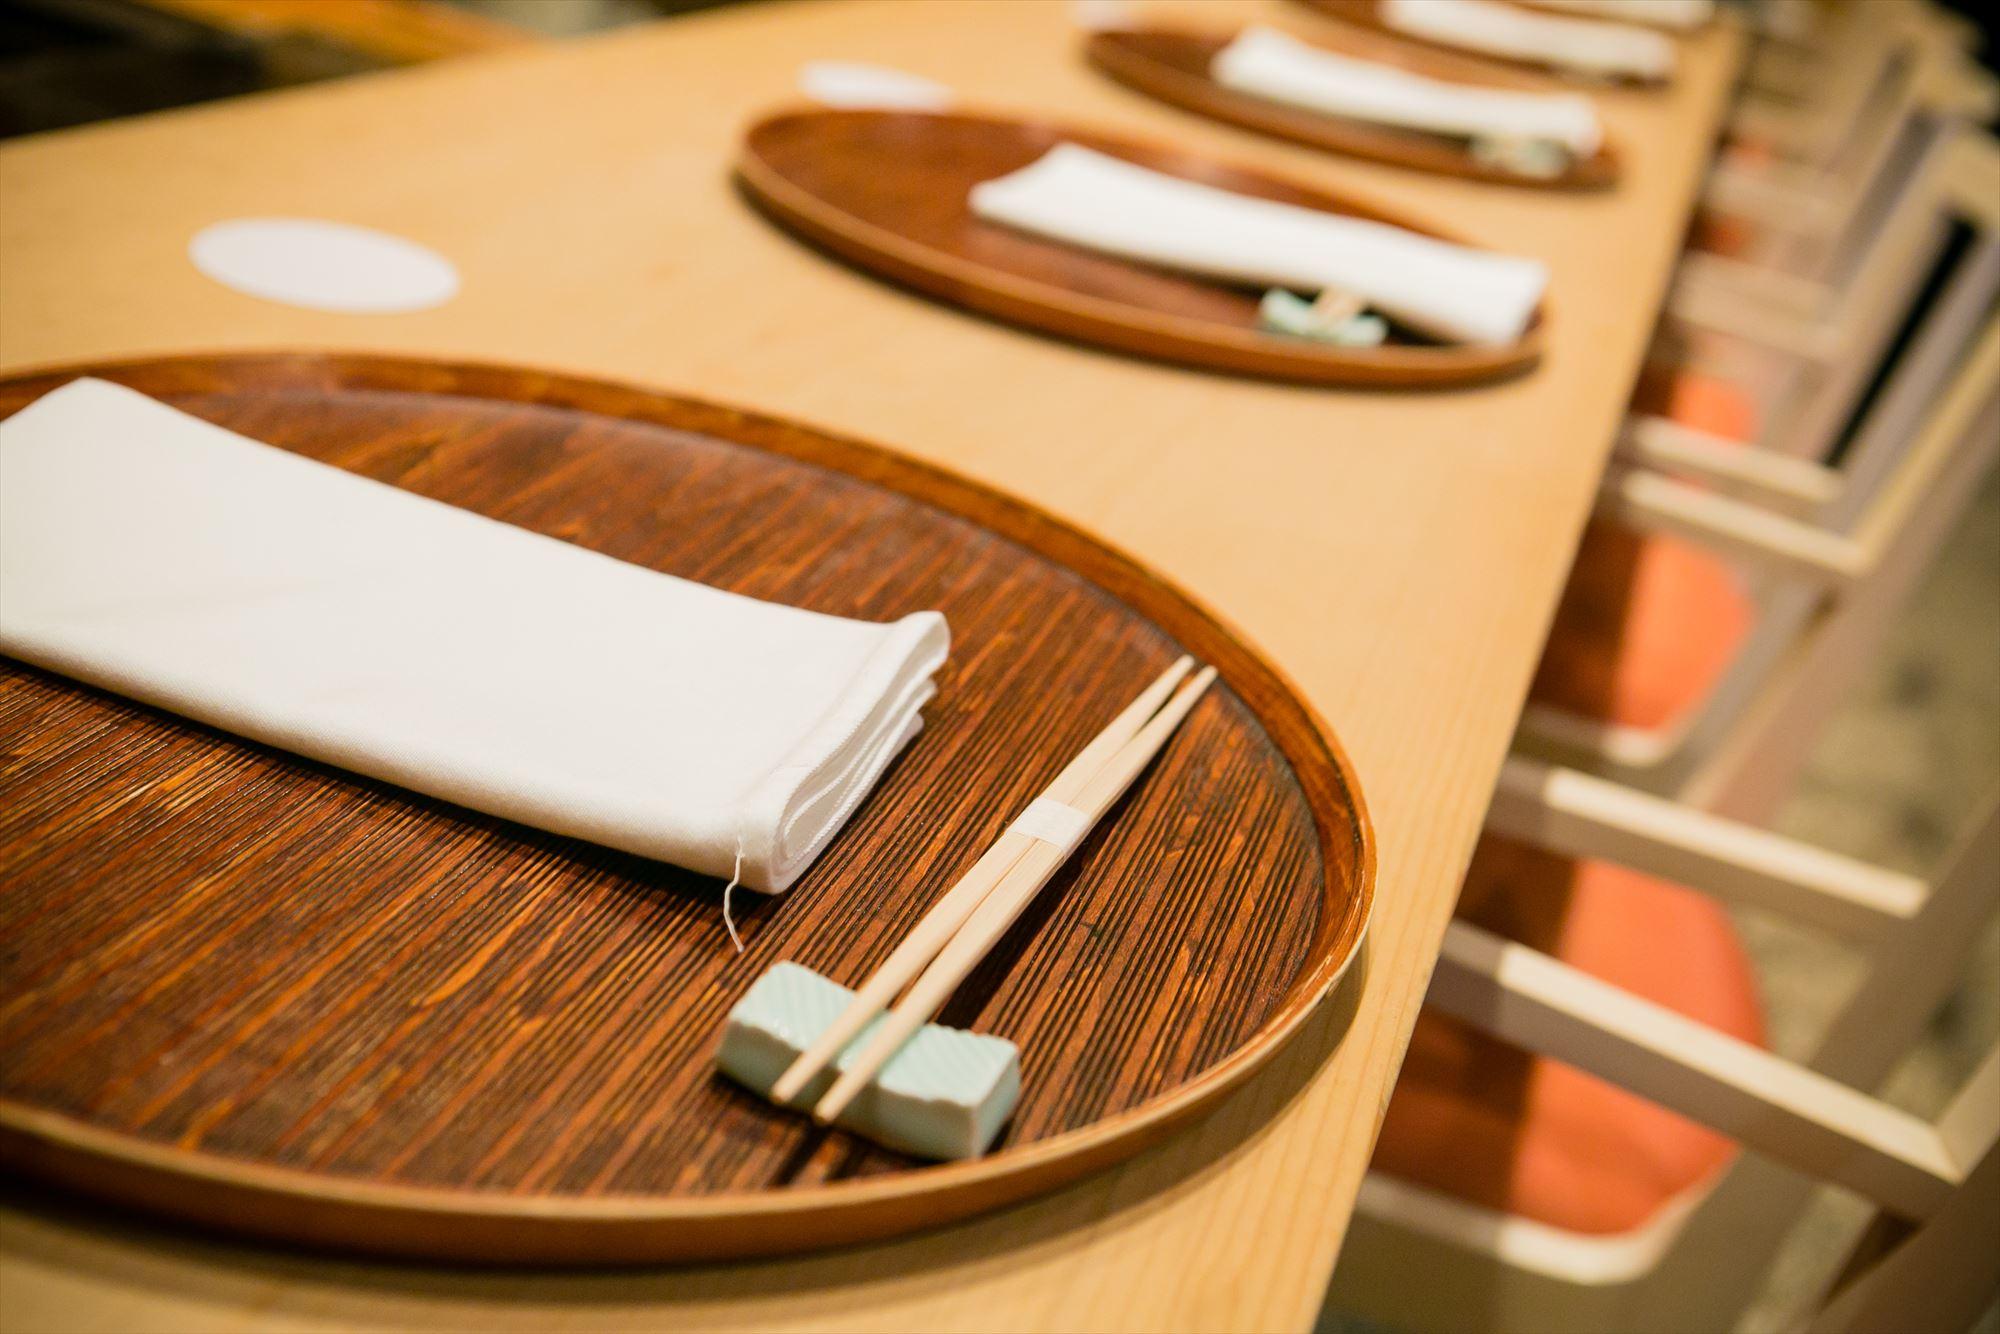 Kaishoku Shimizu table-set